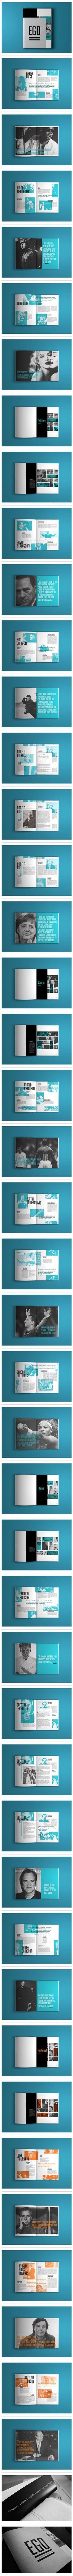 EGO: black white turquoise | typography / graphic design: EGO Editorial Design, collaboration David Salgado, Mariana Perfeito |: